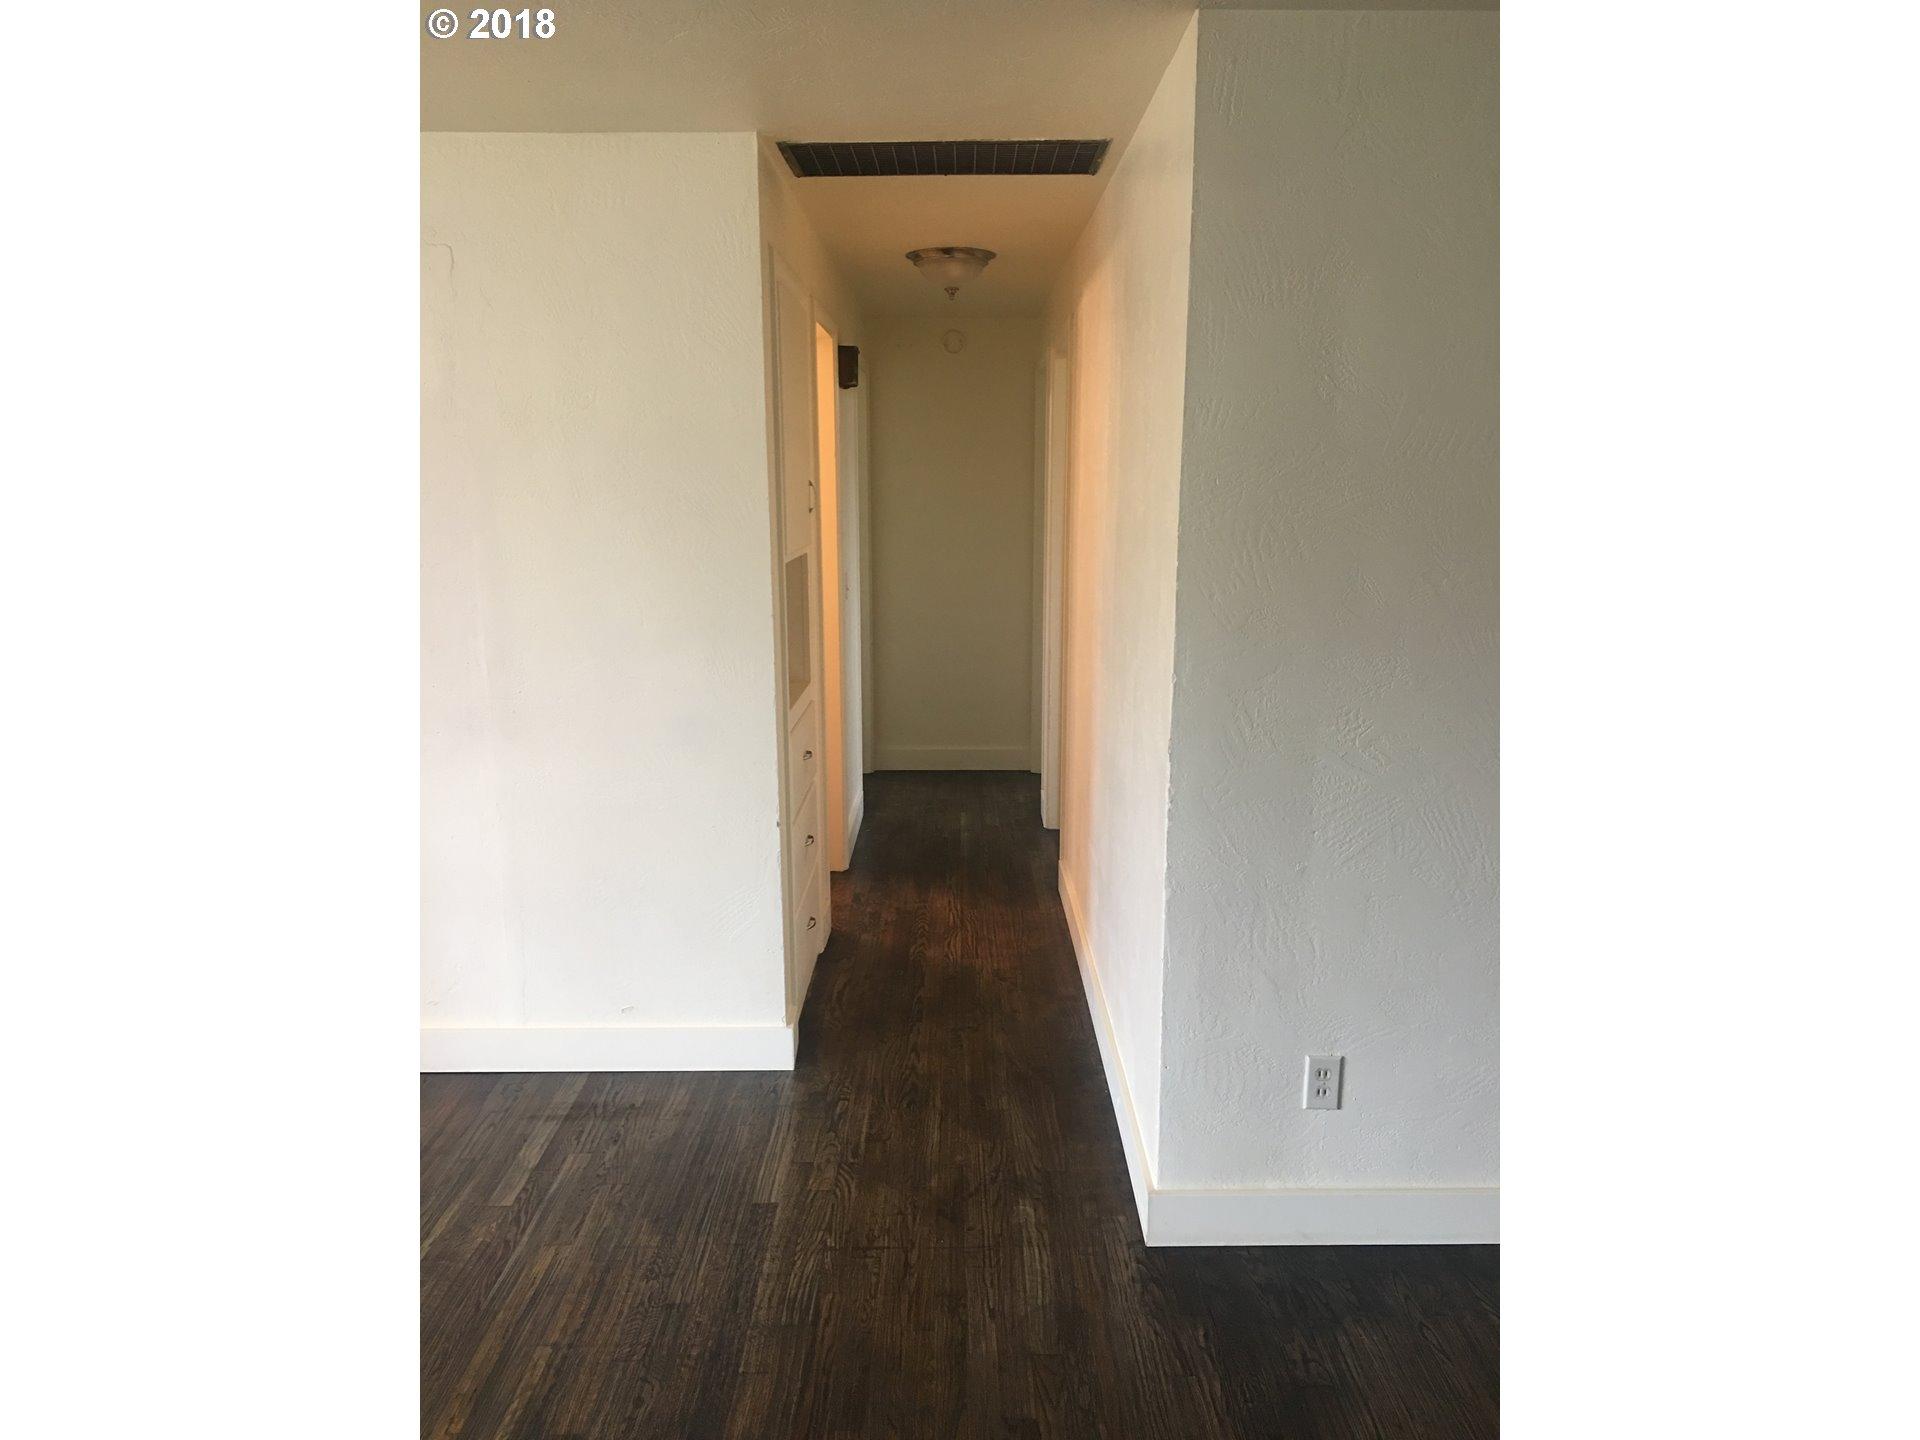 1800 LINWOOD ST Eugene, OR 97404 - MLS #: 18546659